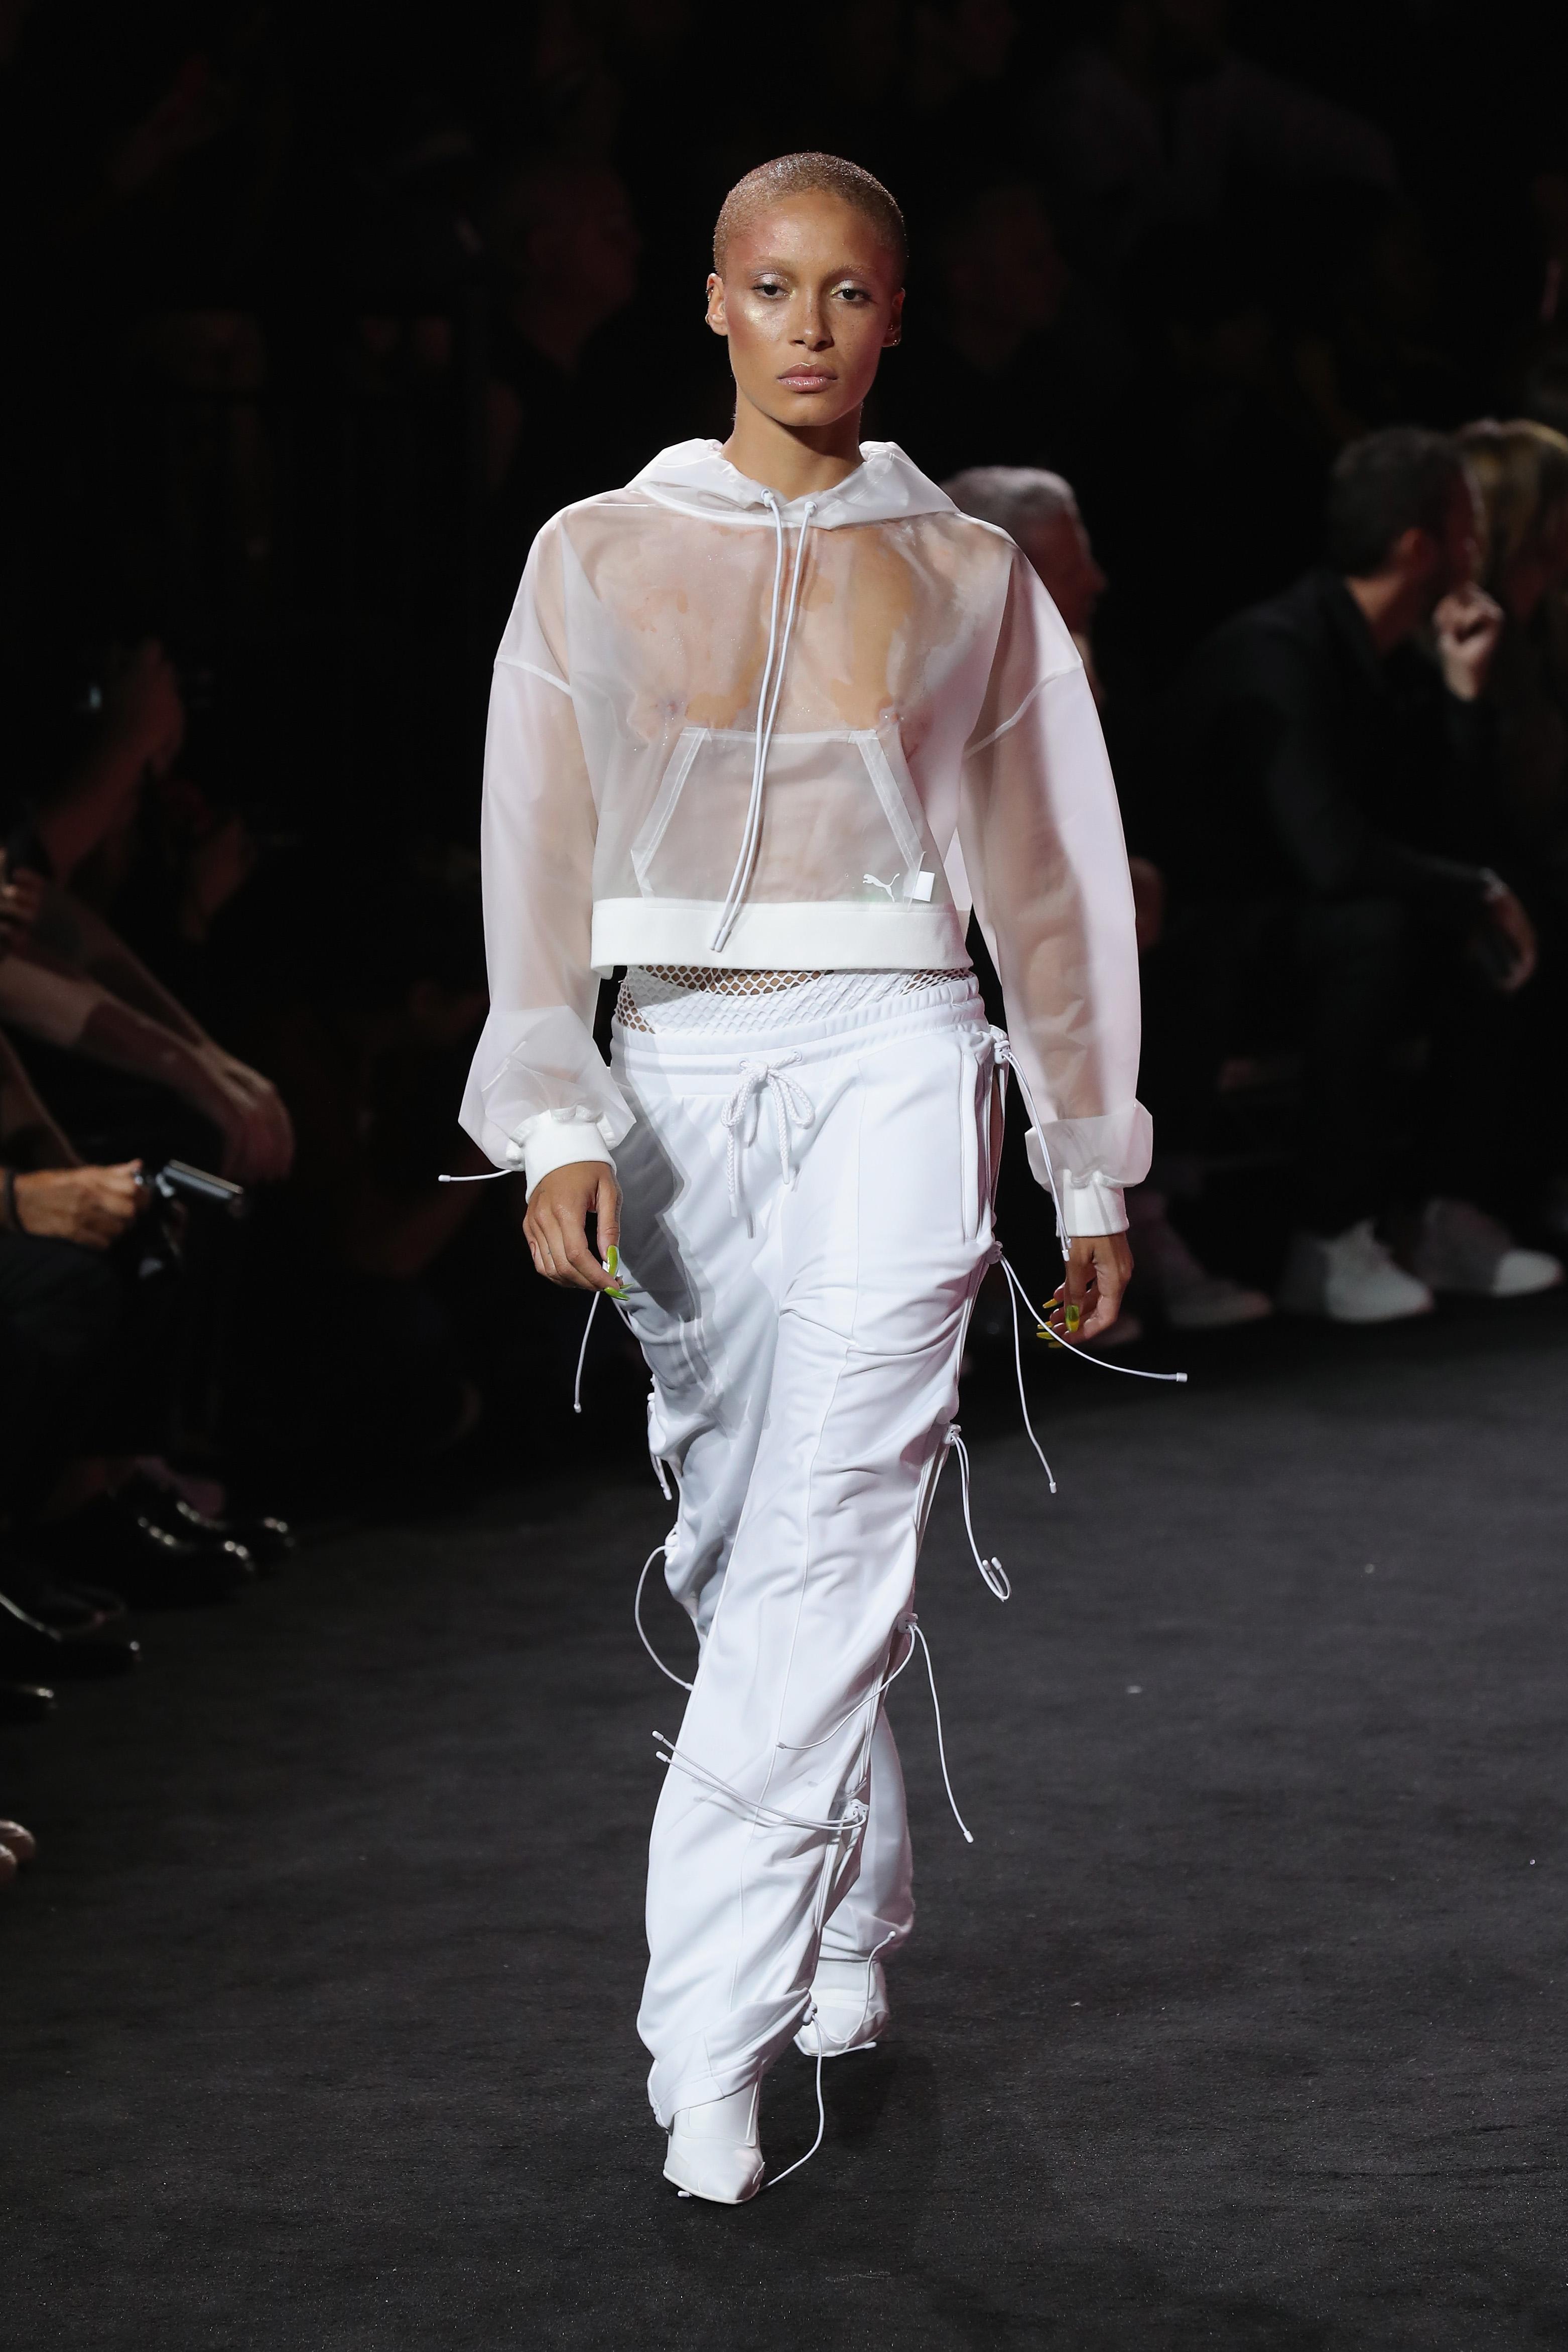 Auf dem Foto ist das Model Adwoa Aboah zu sehen. Sie befindet sich auf der Fashion Show von FENTY Puma by Rihanna. Sie trägt einen trasparenten weißen Hoodie, eine weiße Jogginghose mit seitlicher Schnürung und spitze, weiße Booties.